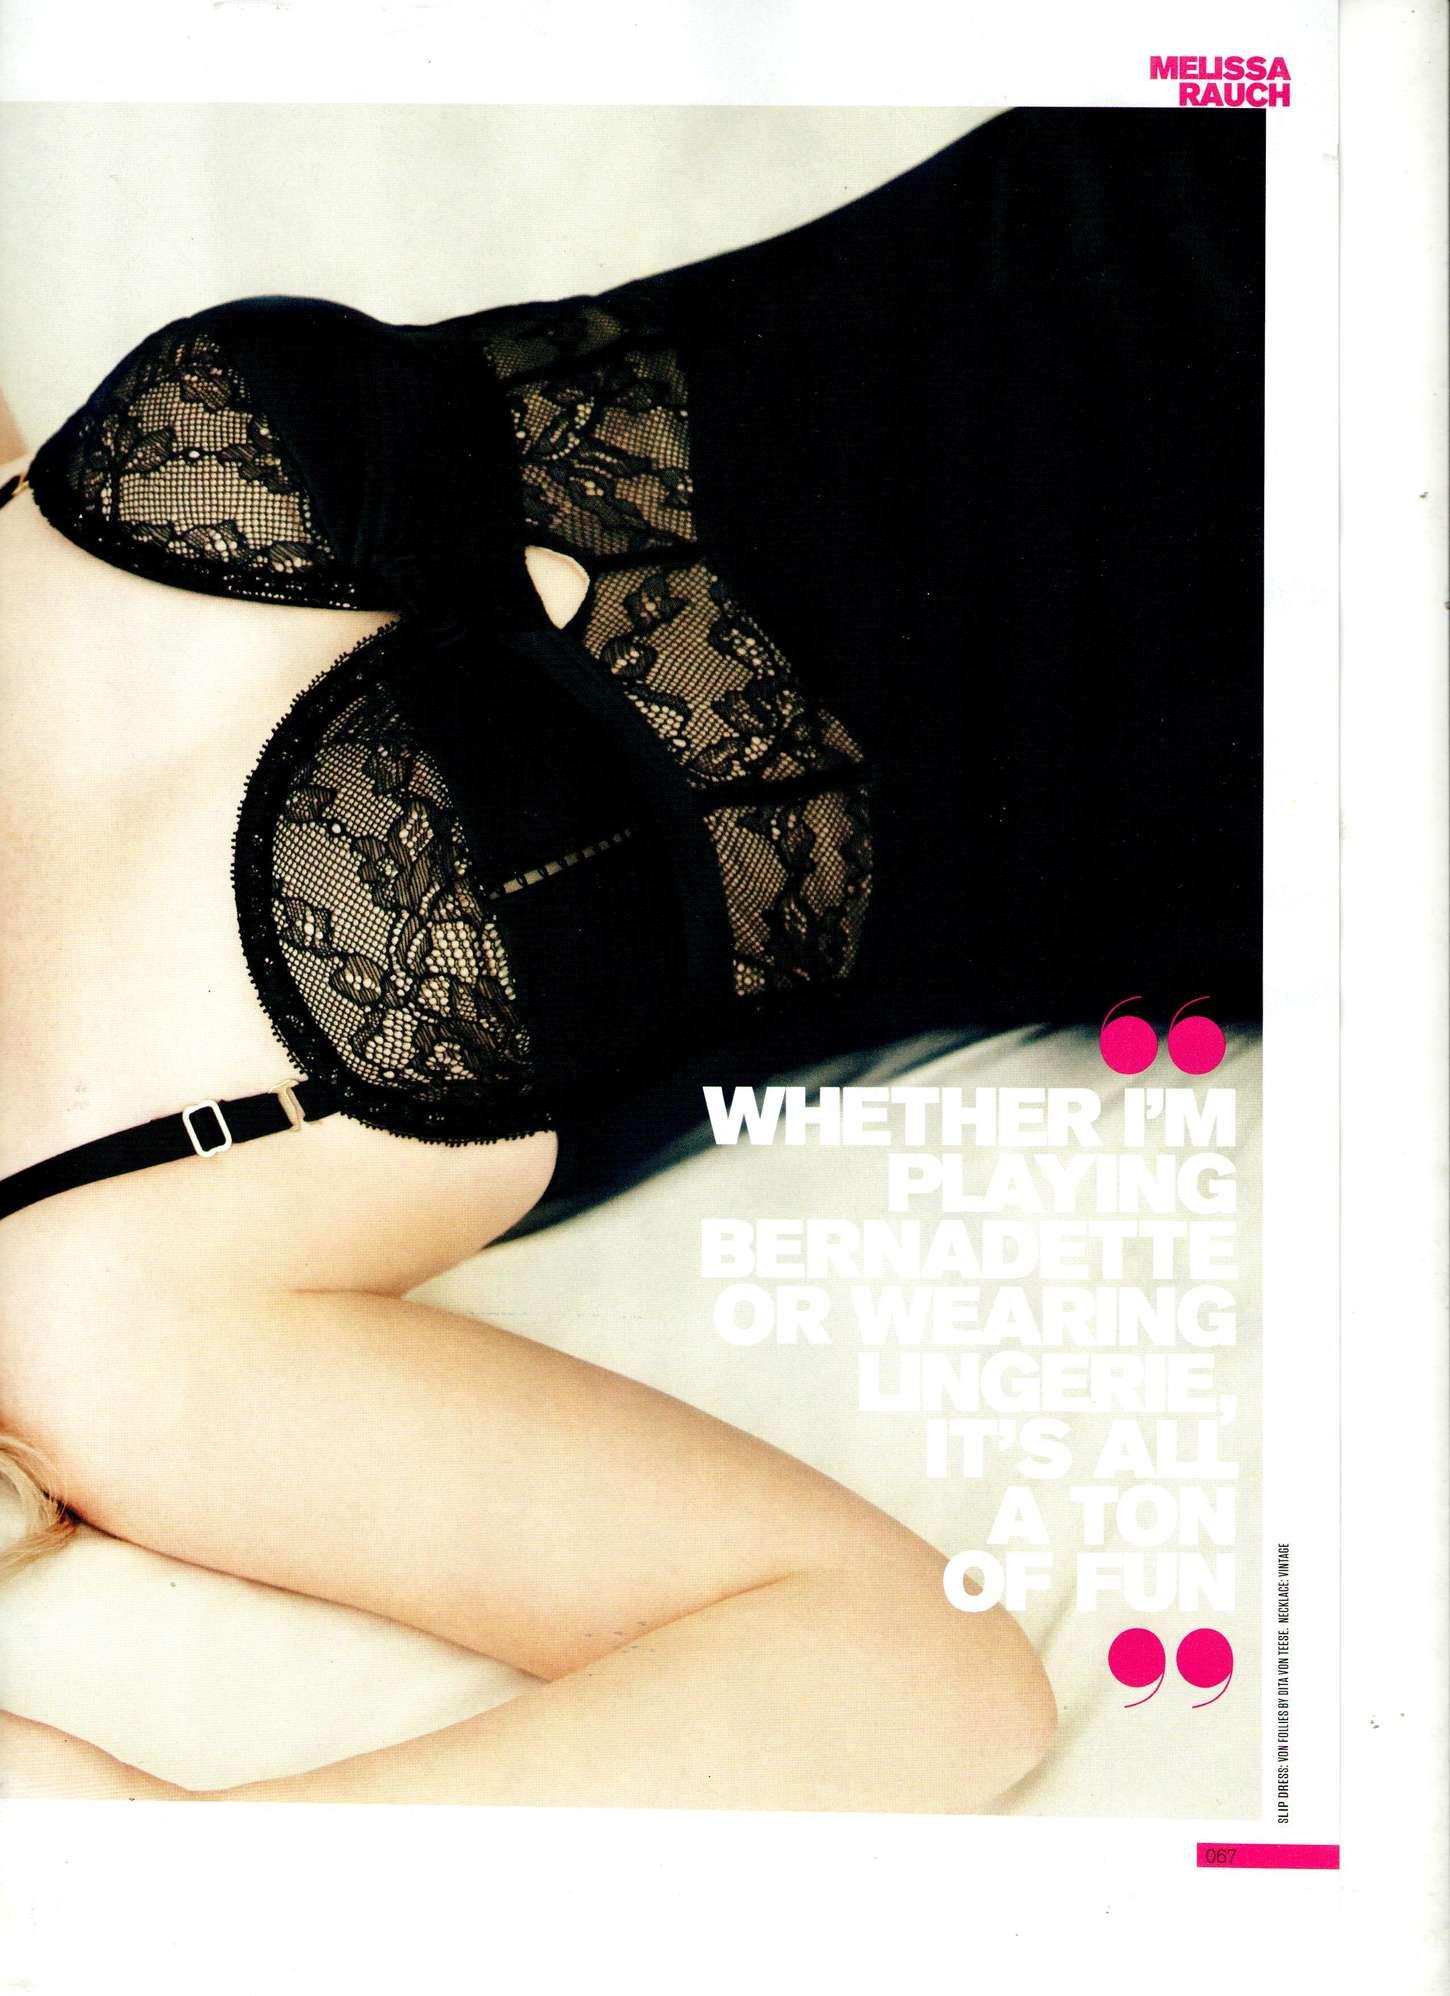 Melissa Rauch FHM Magazine